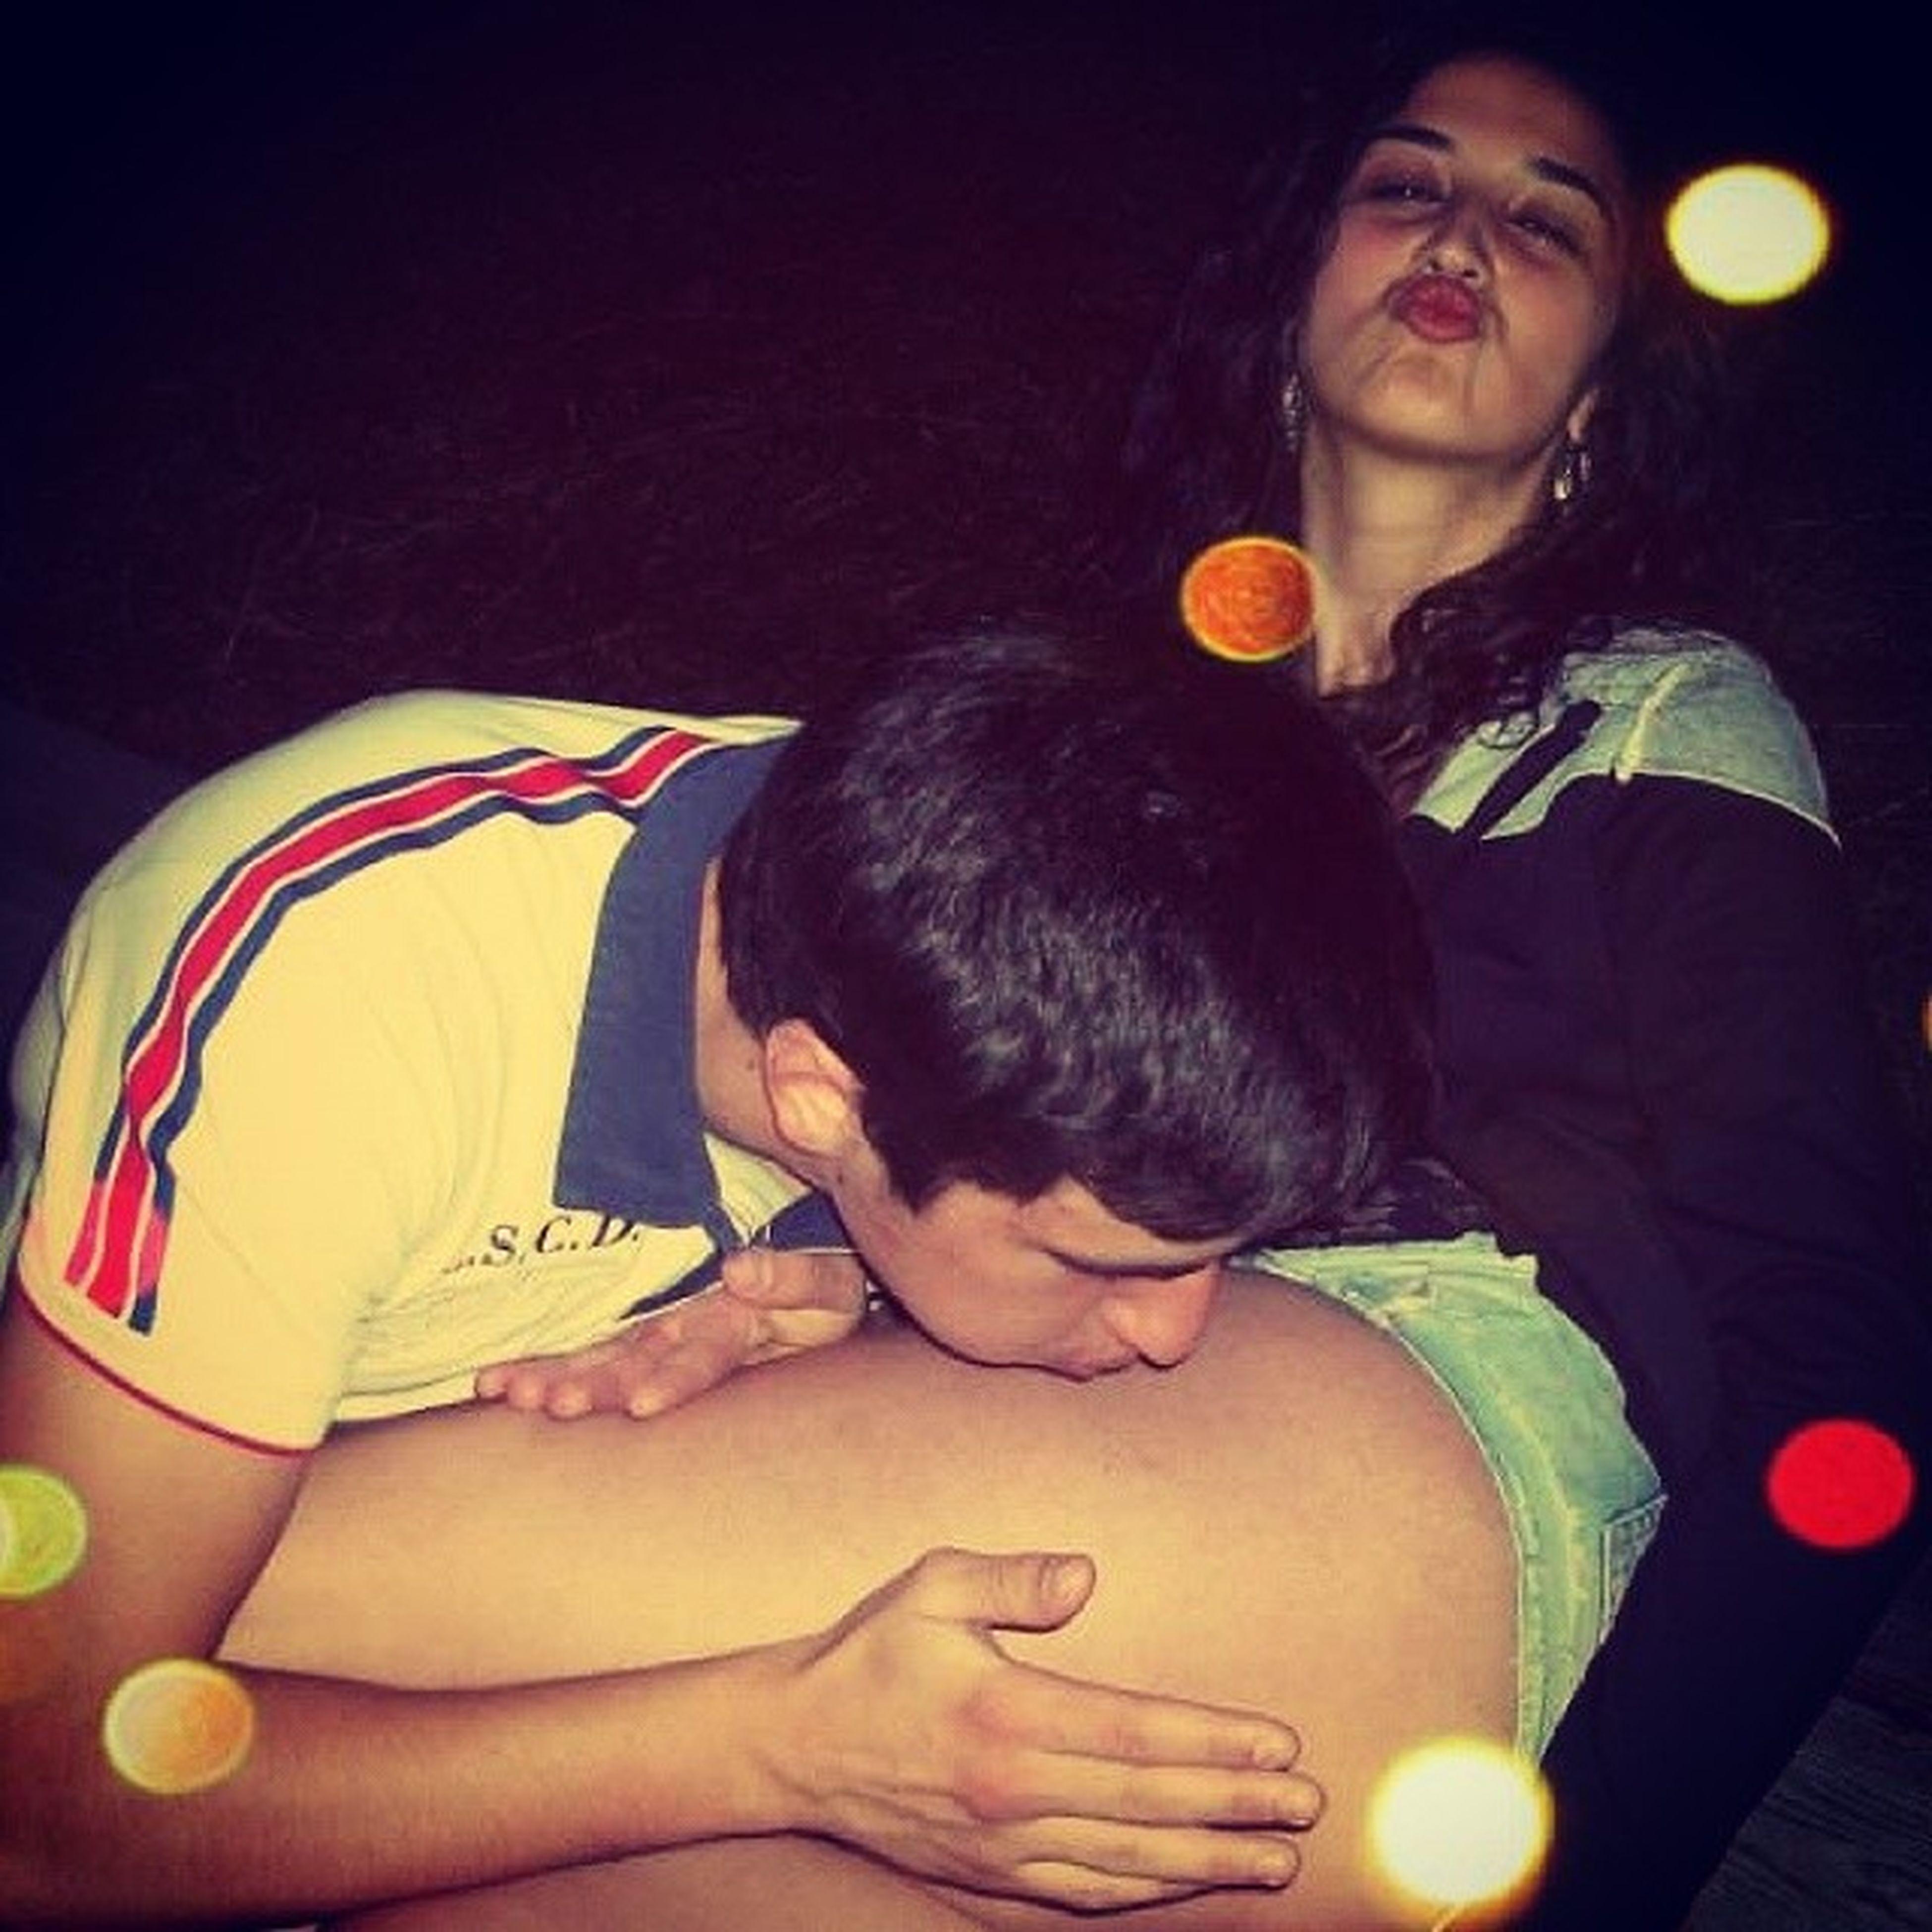 Paiva Atacou_me Summer 2012